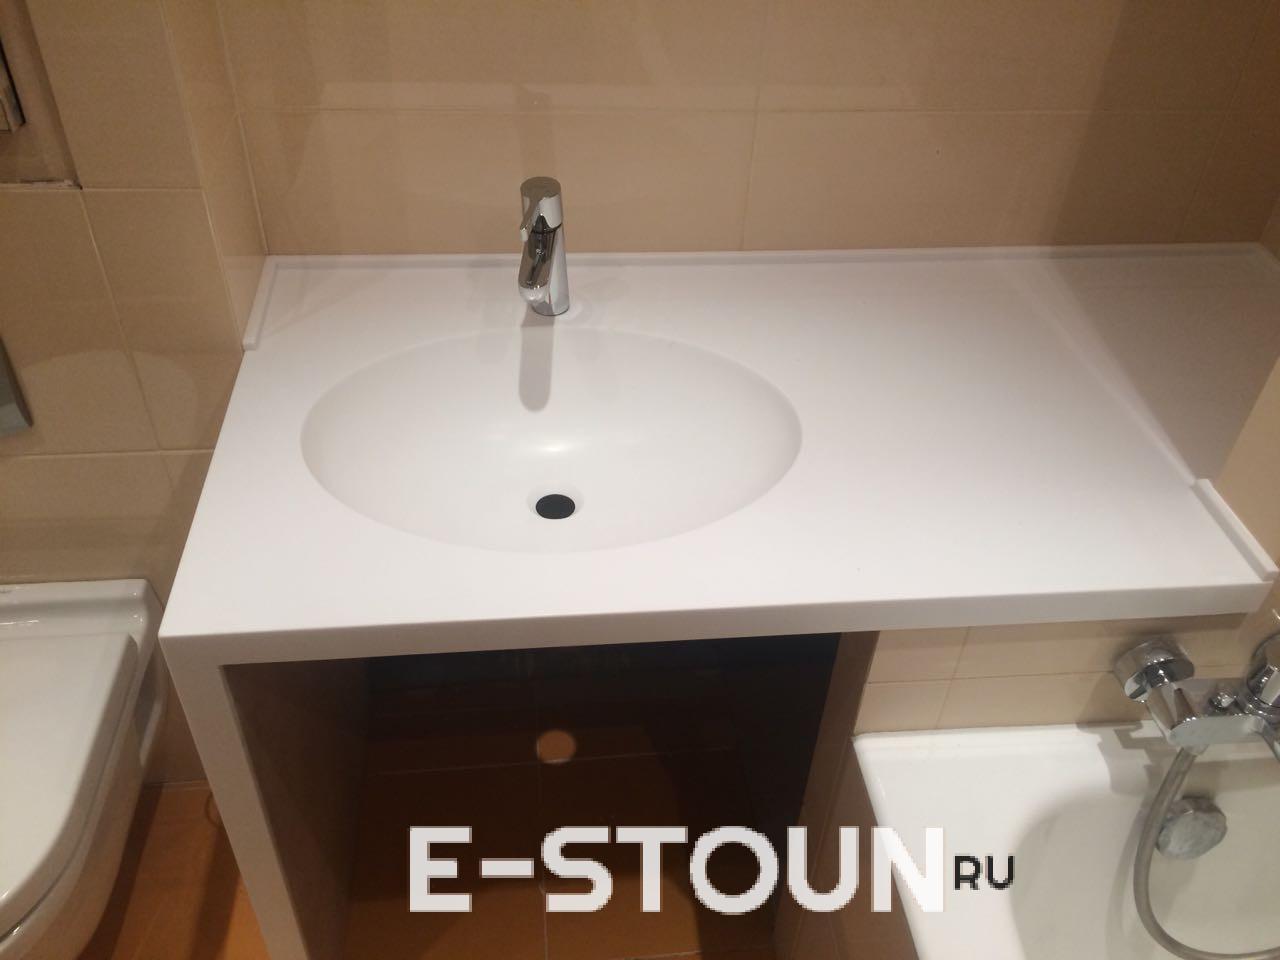 Вид спереди на столешницу в ванную из искусственного камня с интегрированной мойкой